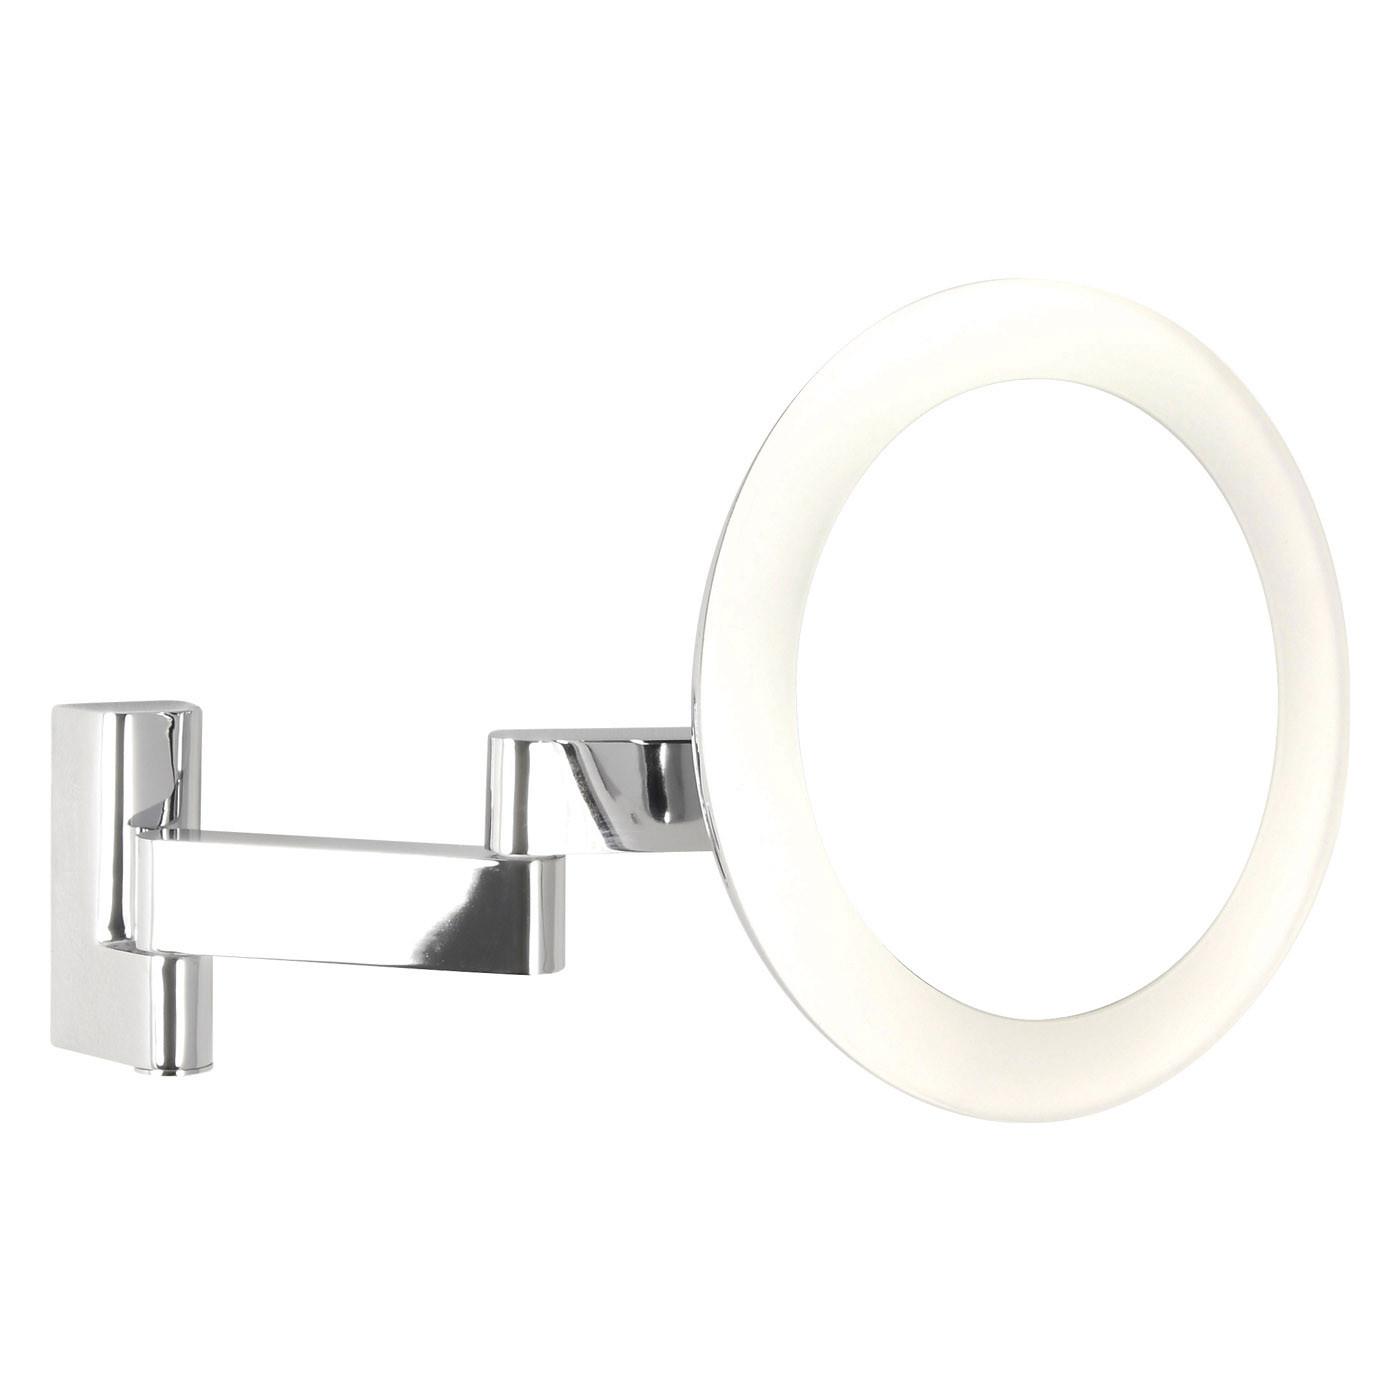 Astro Niimi Round miroir lumineux